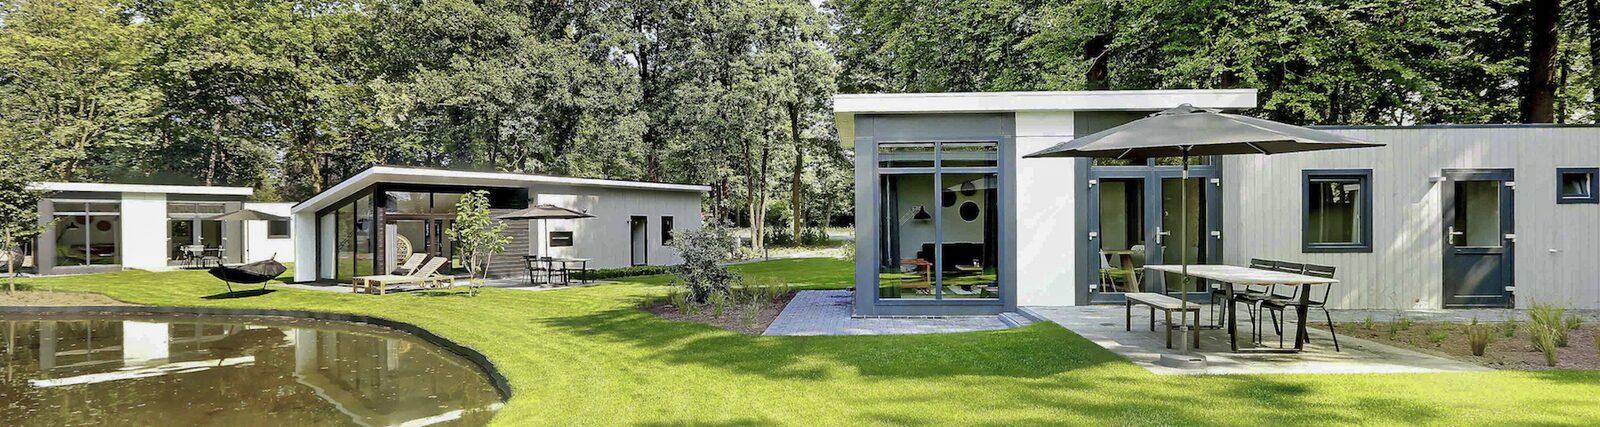 Vakantieparken | UwBuitenhuis.nl